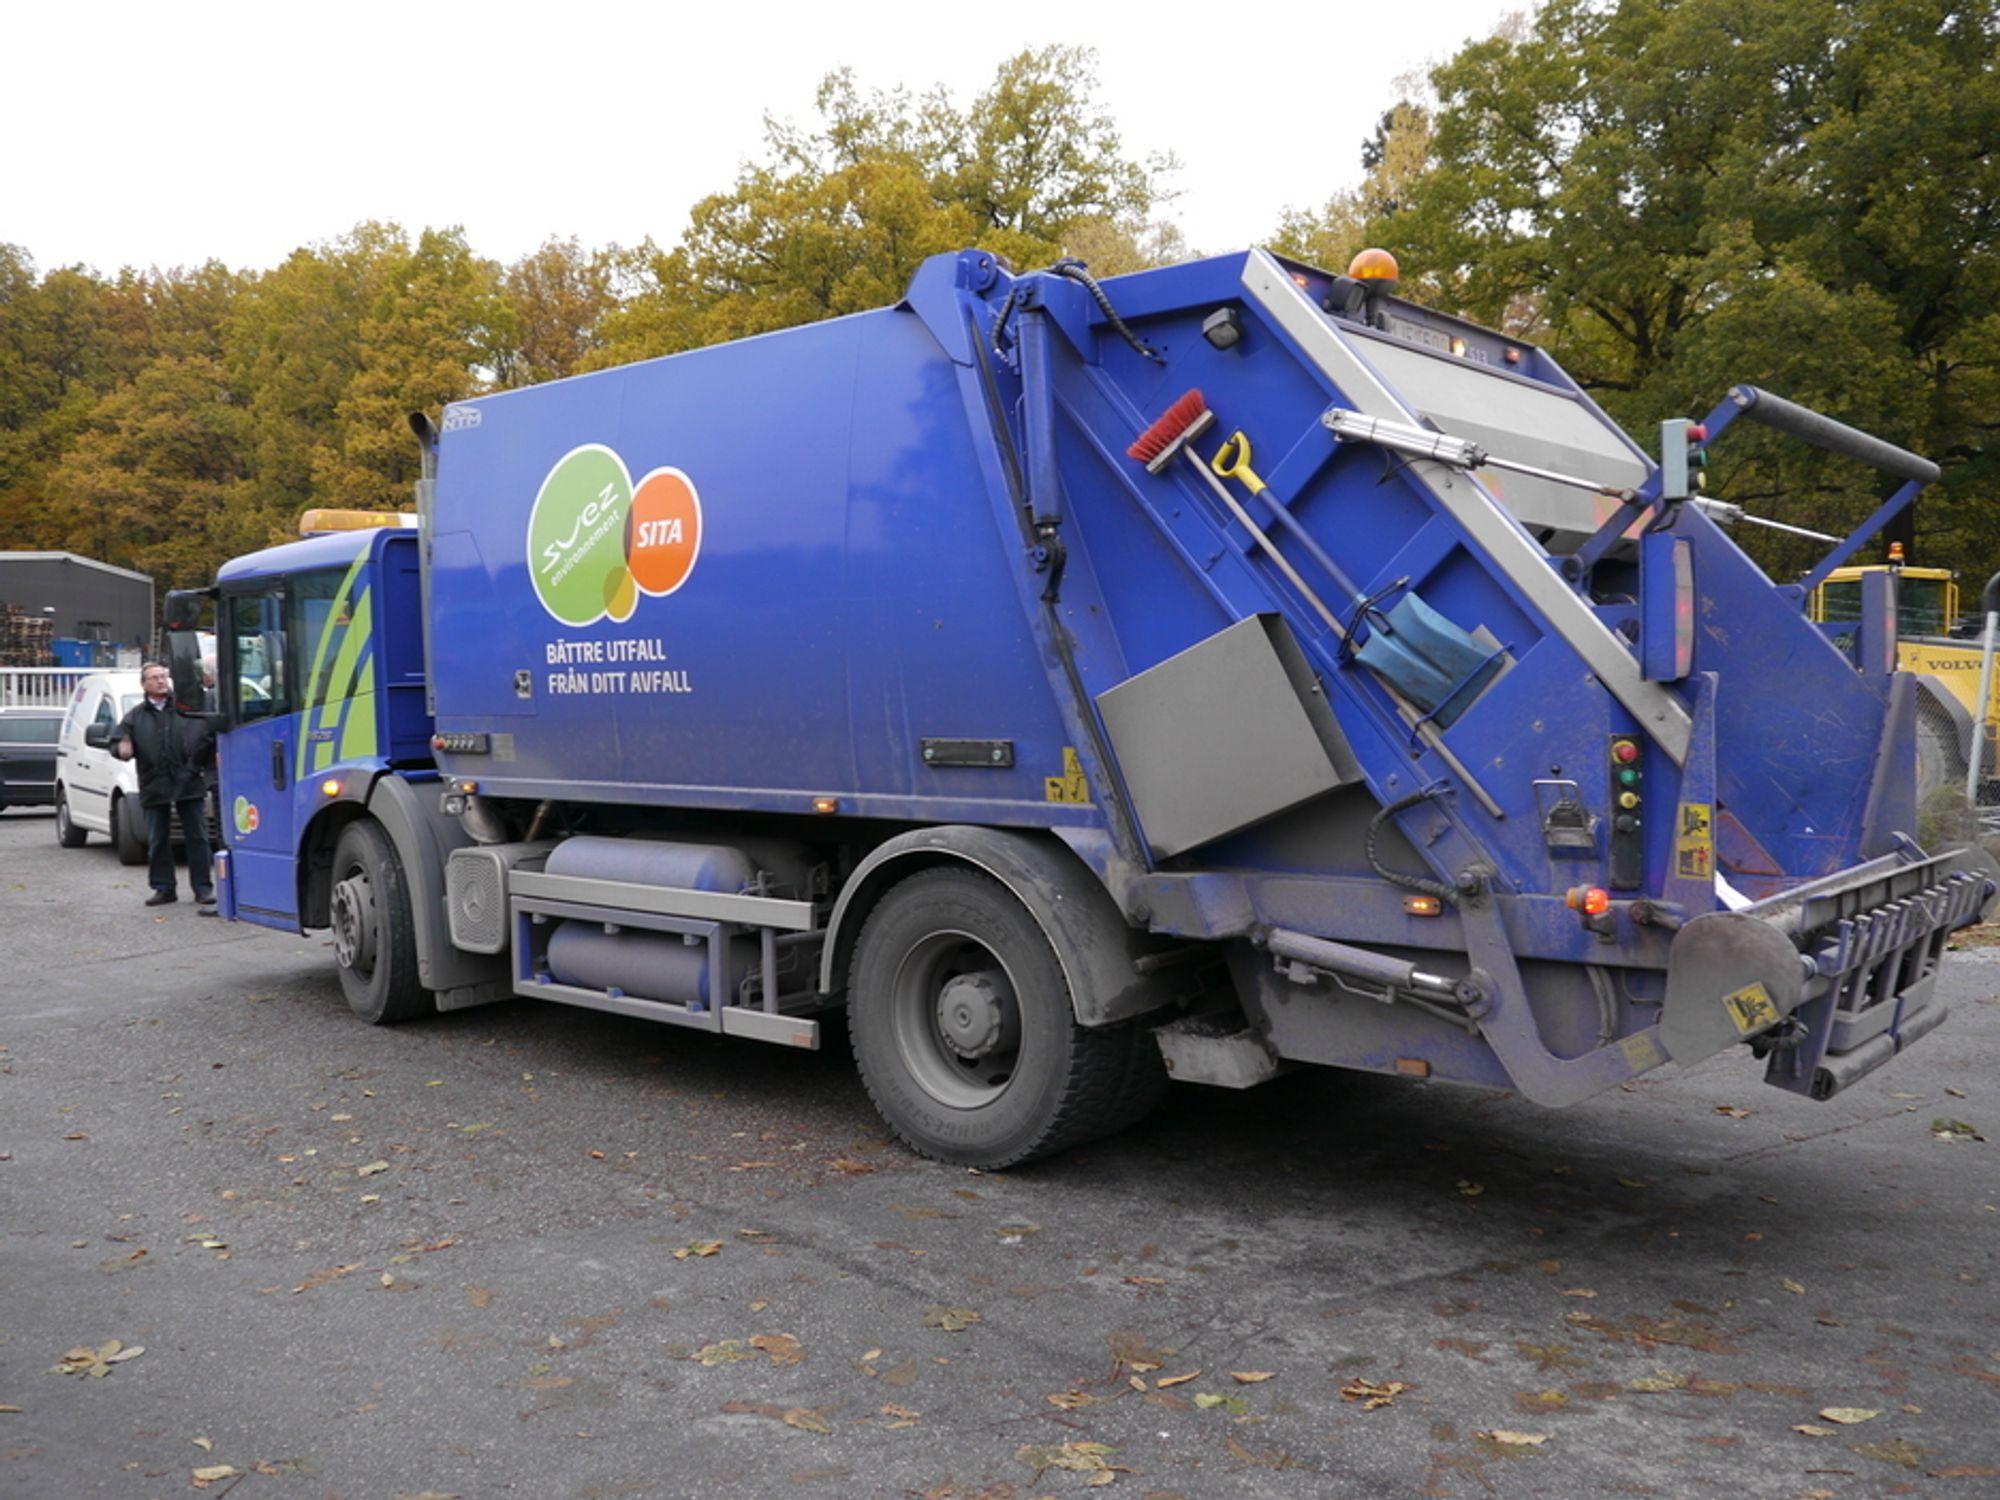 SØPPEL PÅ KLOAKKGASS: I Stockholm kjører svært mange av søppelbilene på biogass som etaten selv produserer fra fermentert kloakk. Bilen er utstyrt med åtte gasstanker i stedet for dieseltank.